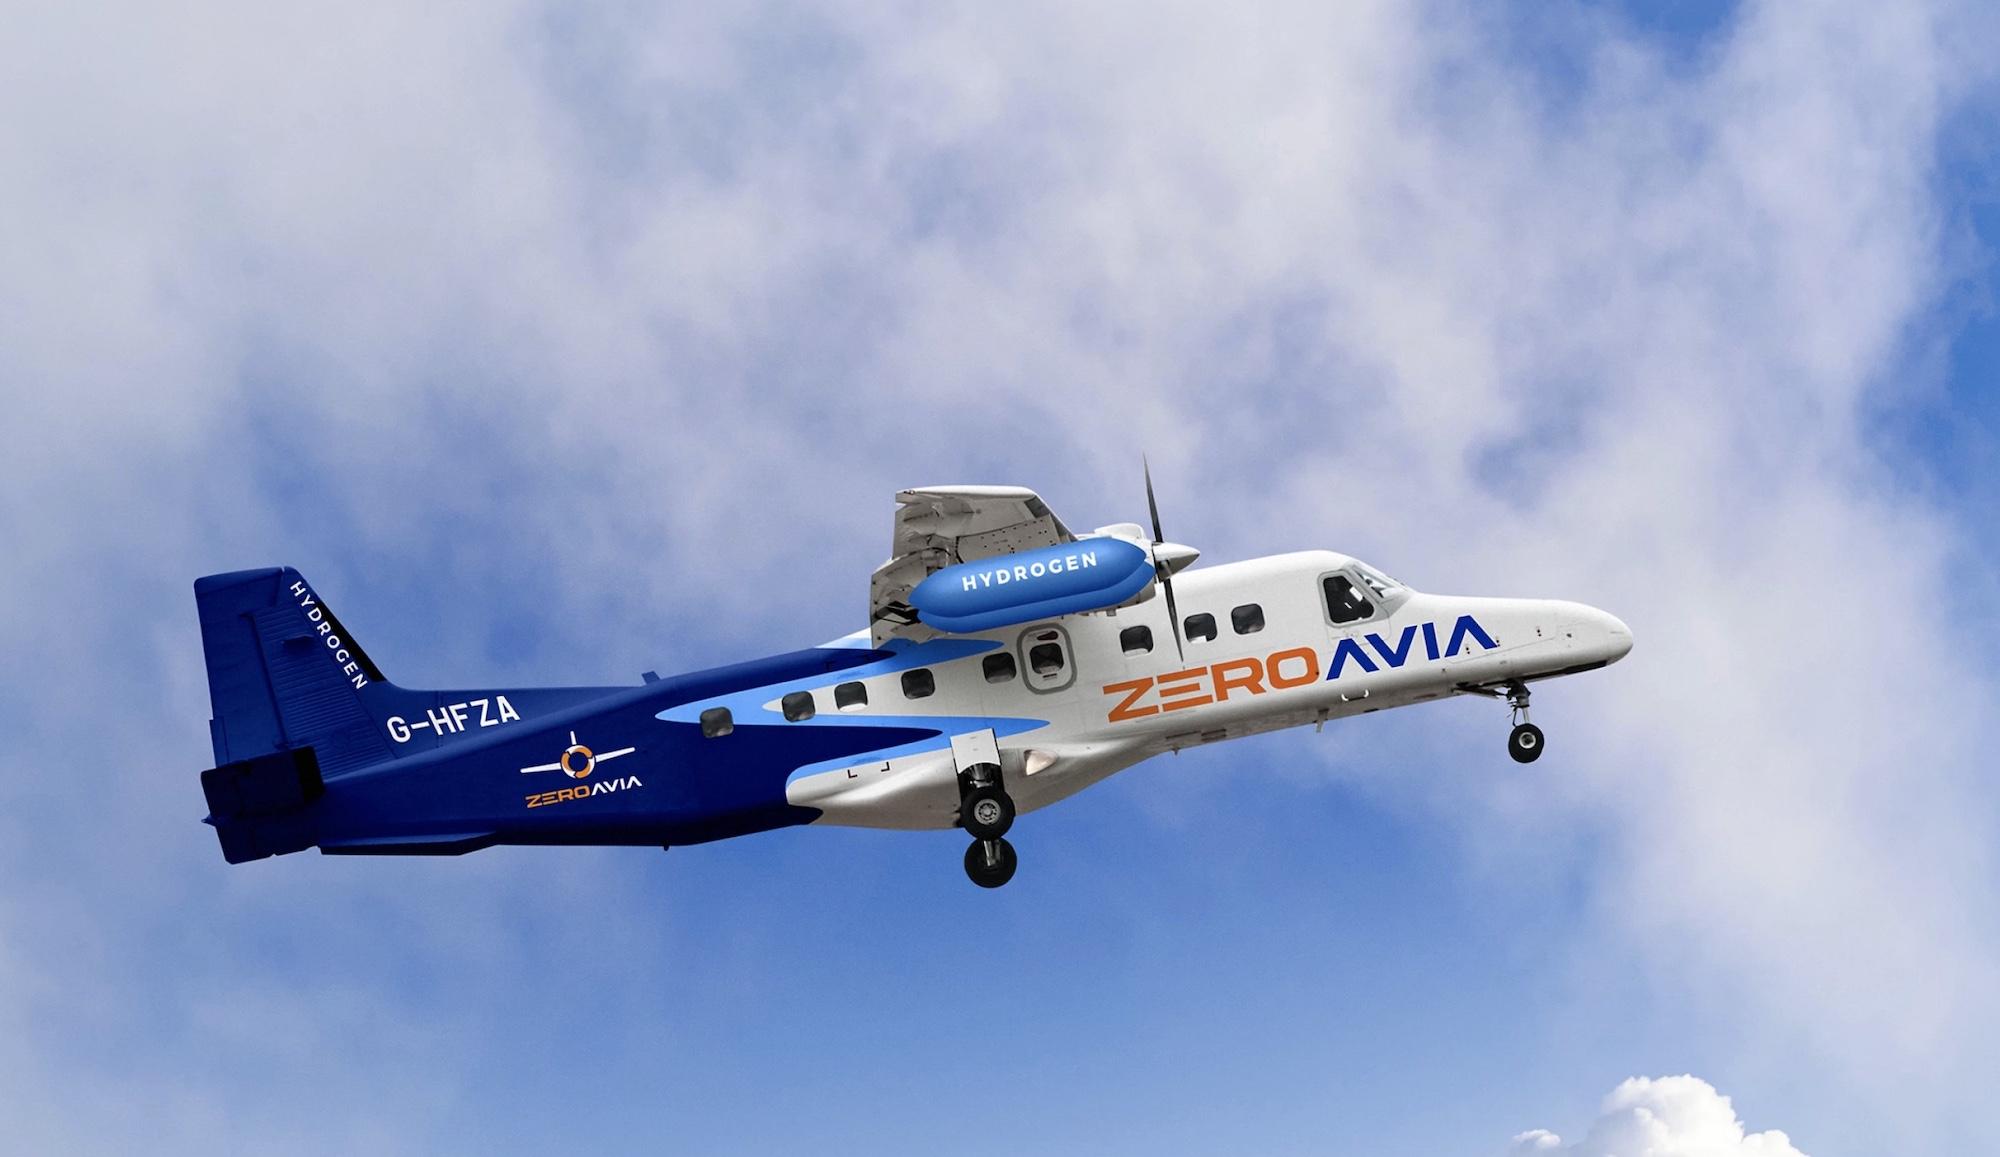 dornier-zeroavia-flyeurope